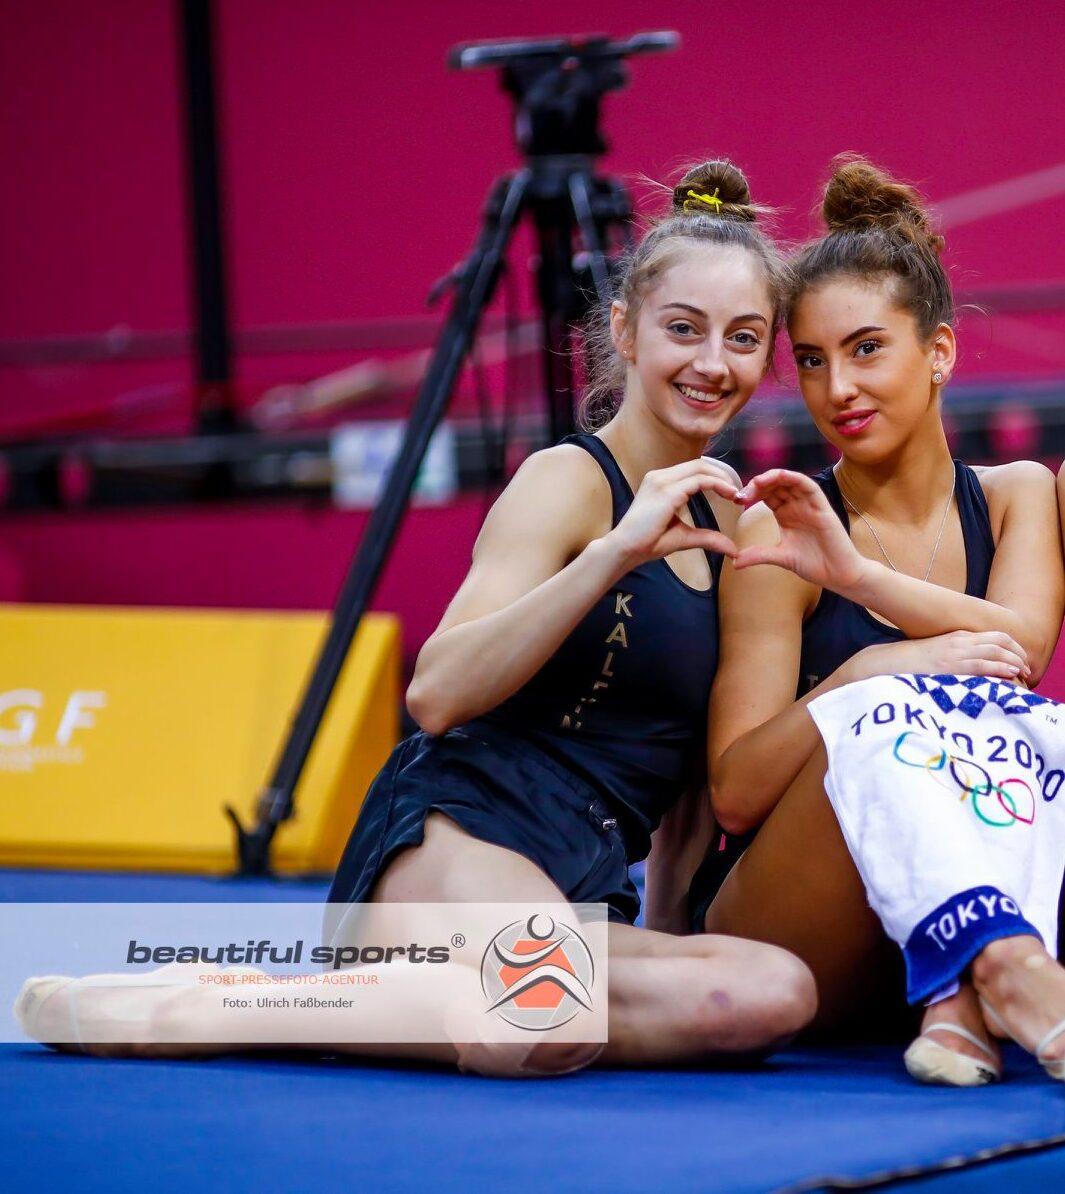 Калейн и Тасева в една група с Линой Ашрам на СК, ансамбъла заедно с Русия